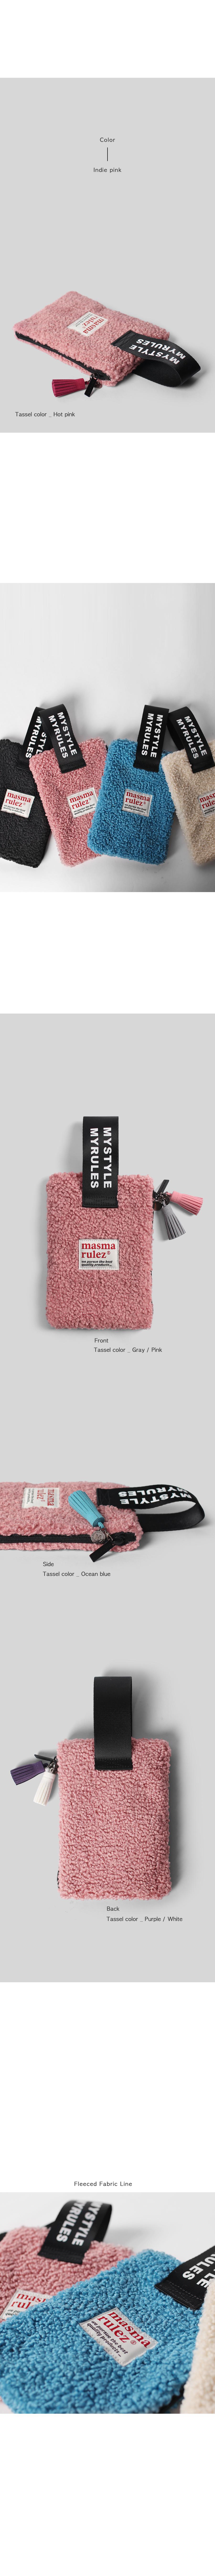 fleeced-pink-d-2.jpg